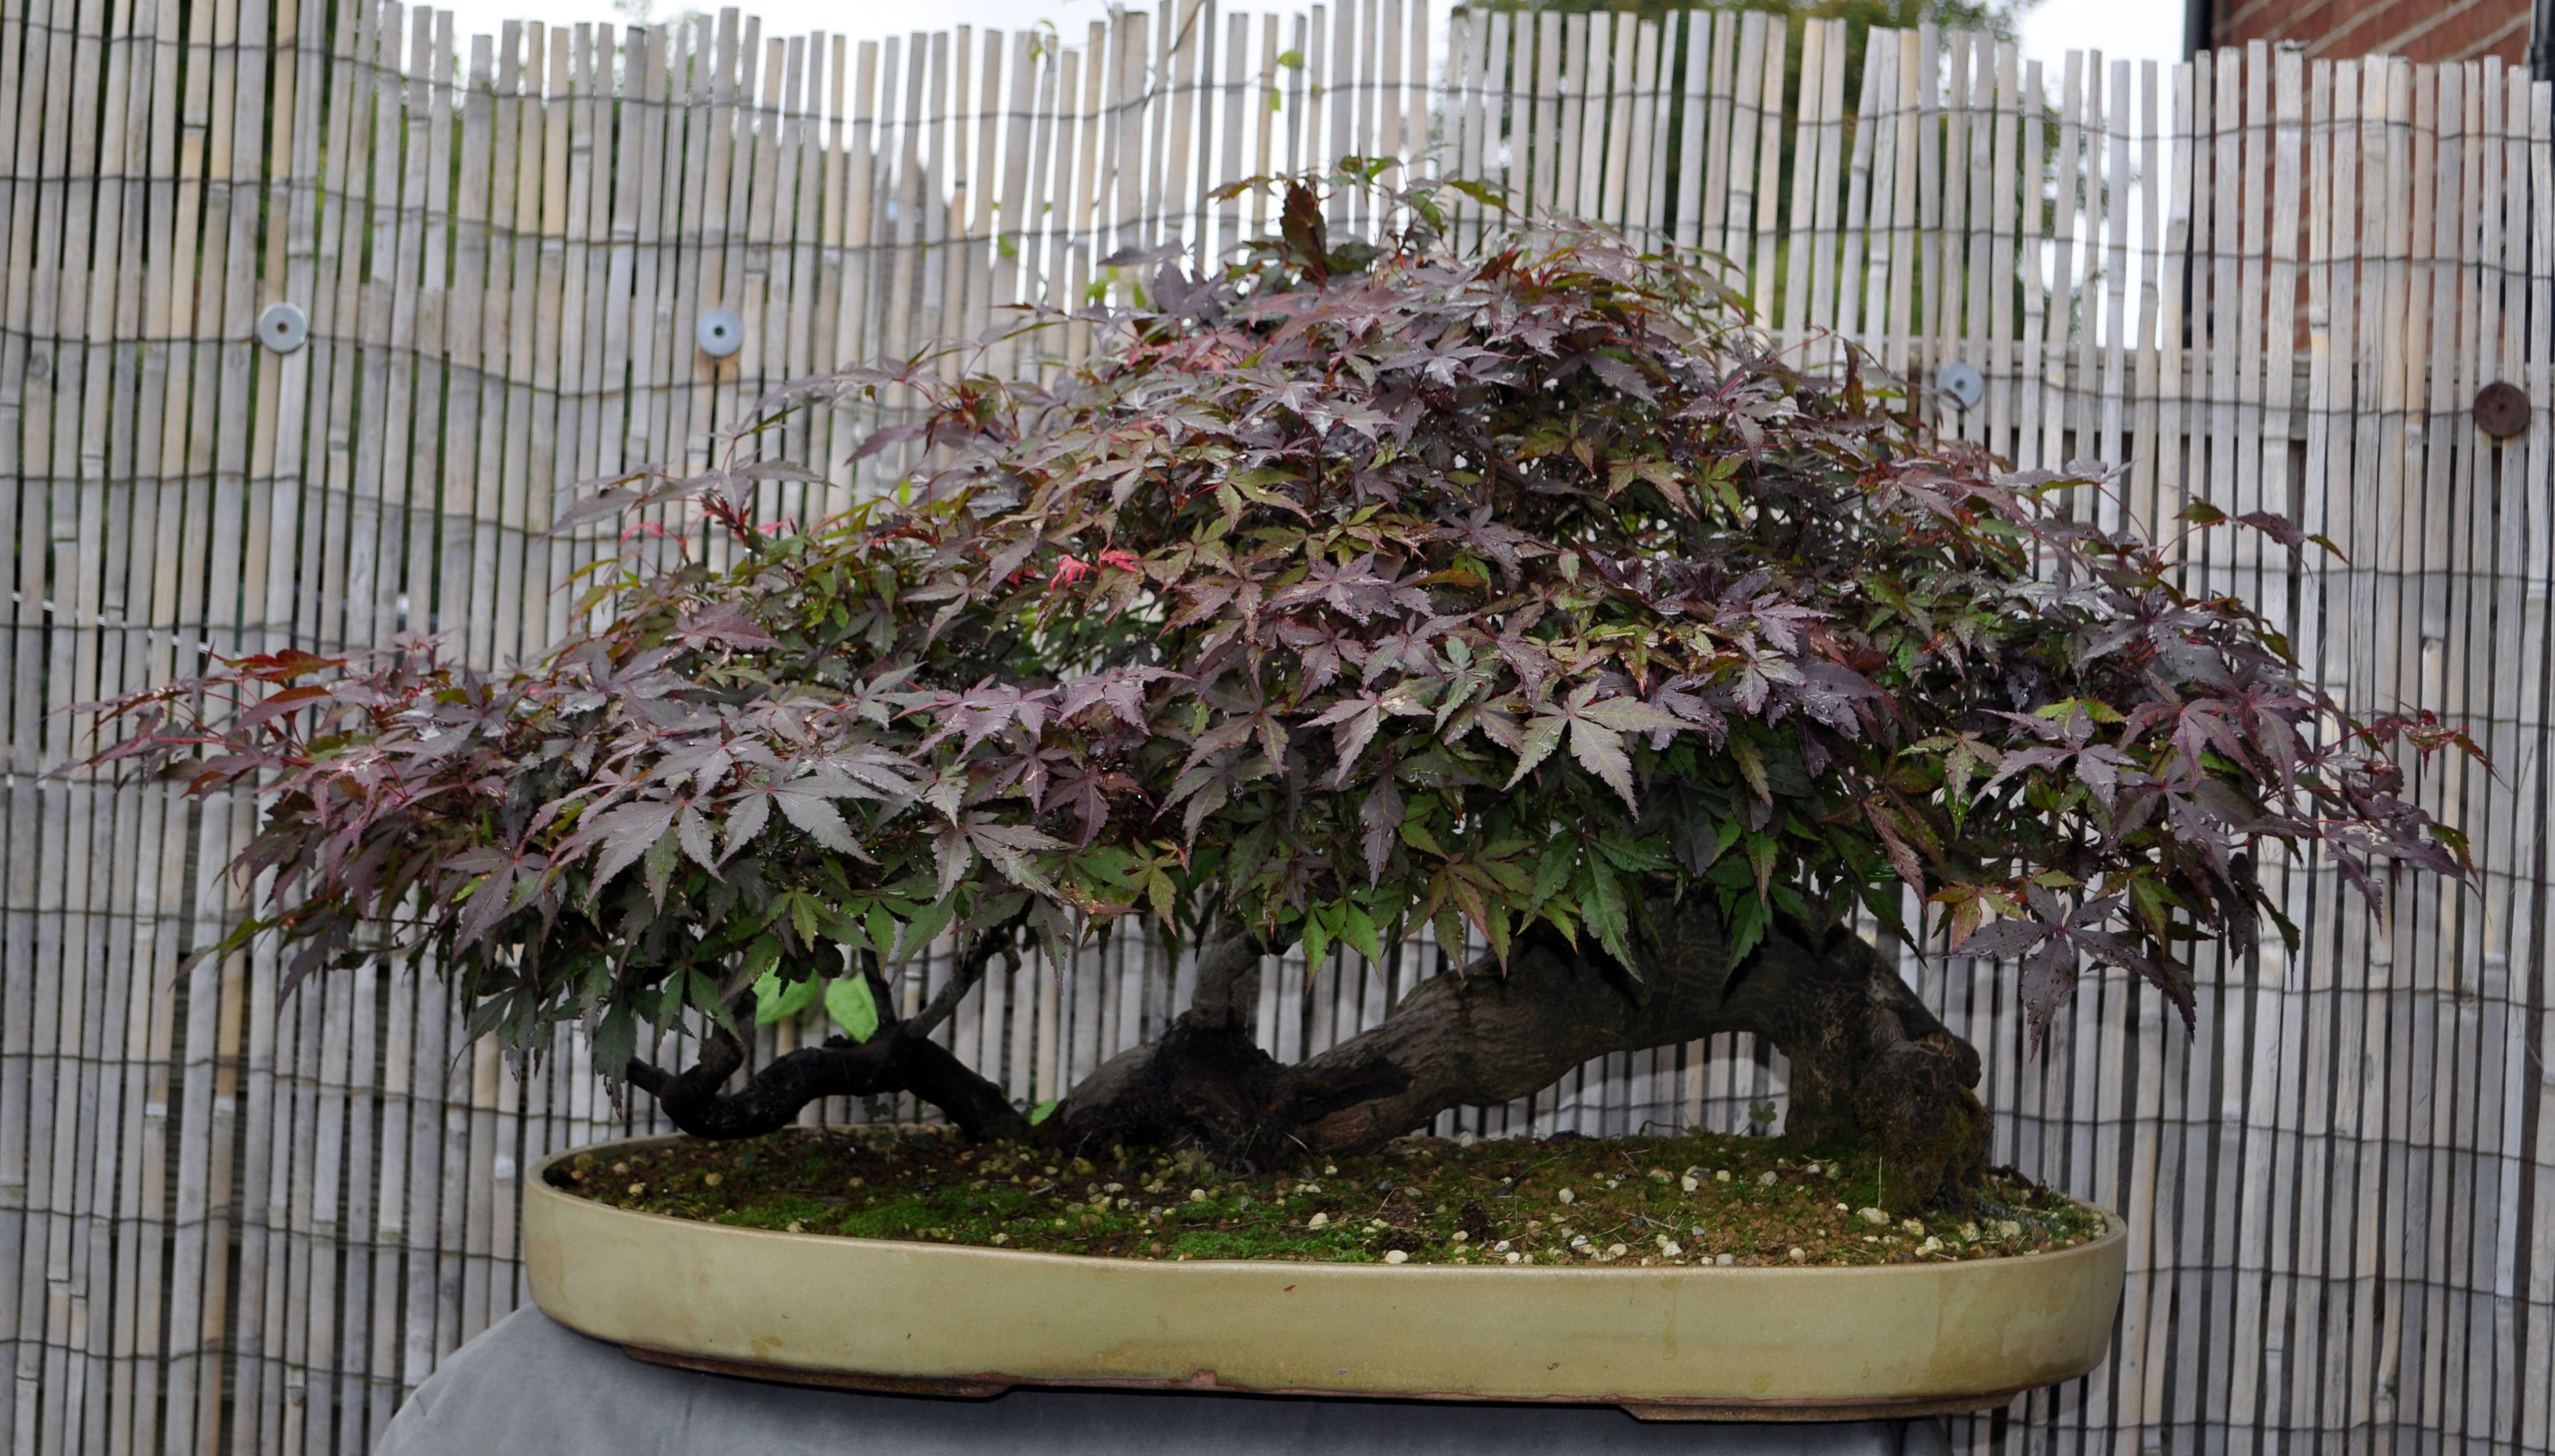 pin by scott on raft bonsai bonsai bonsai styles plants